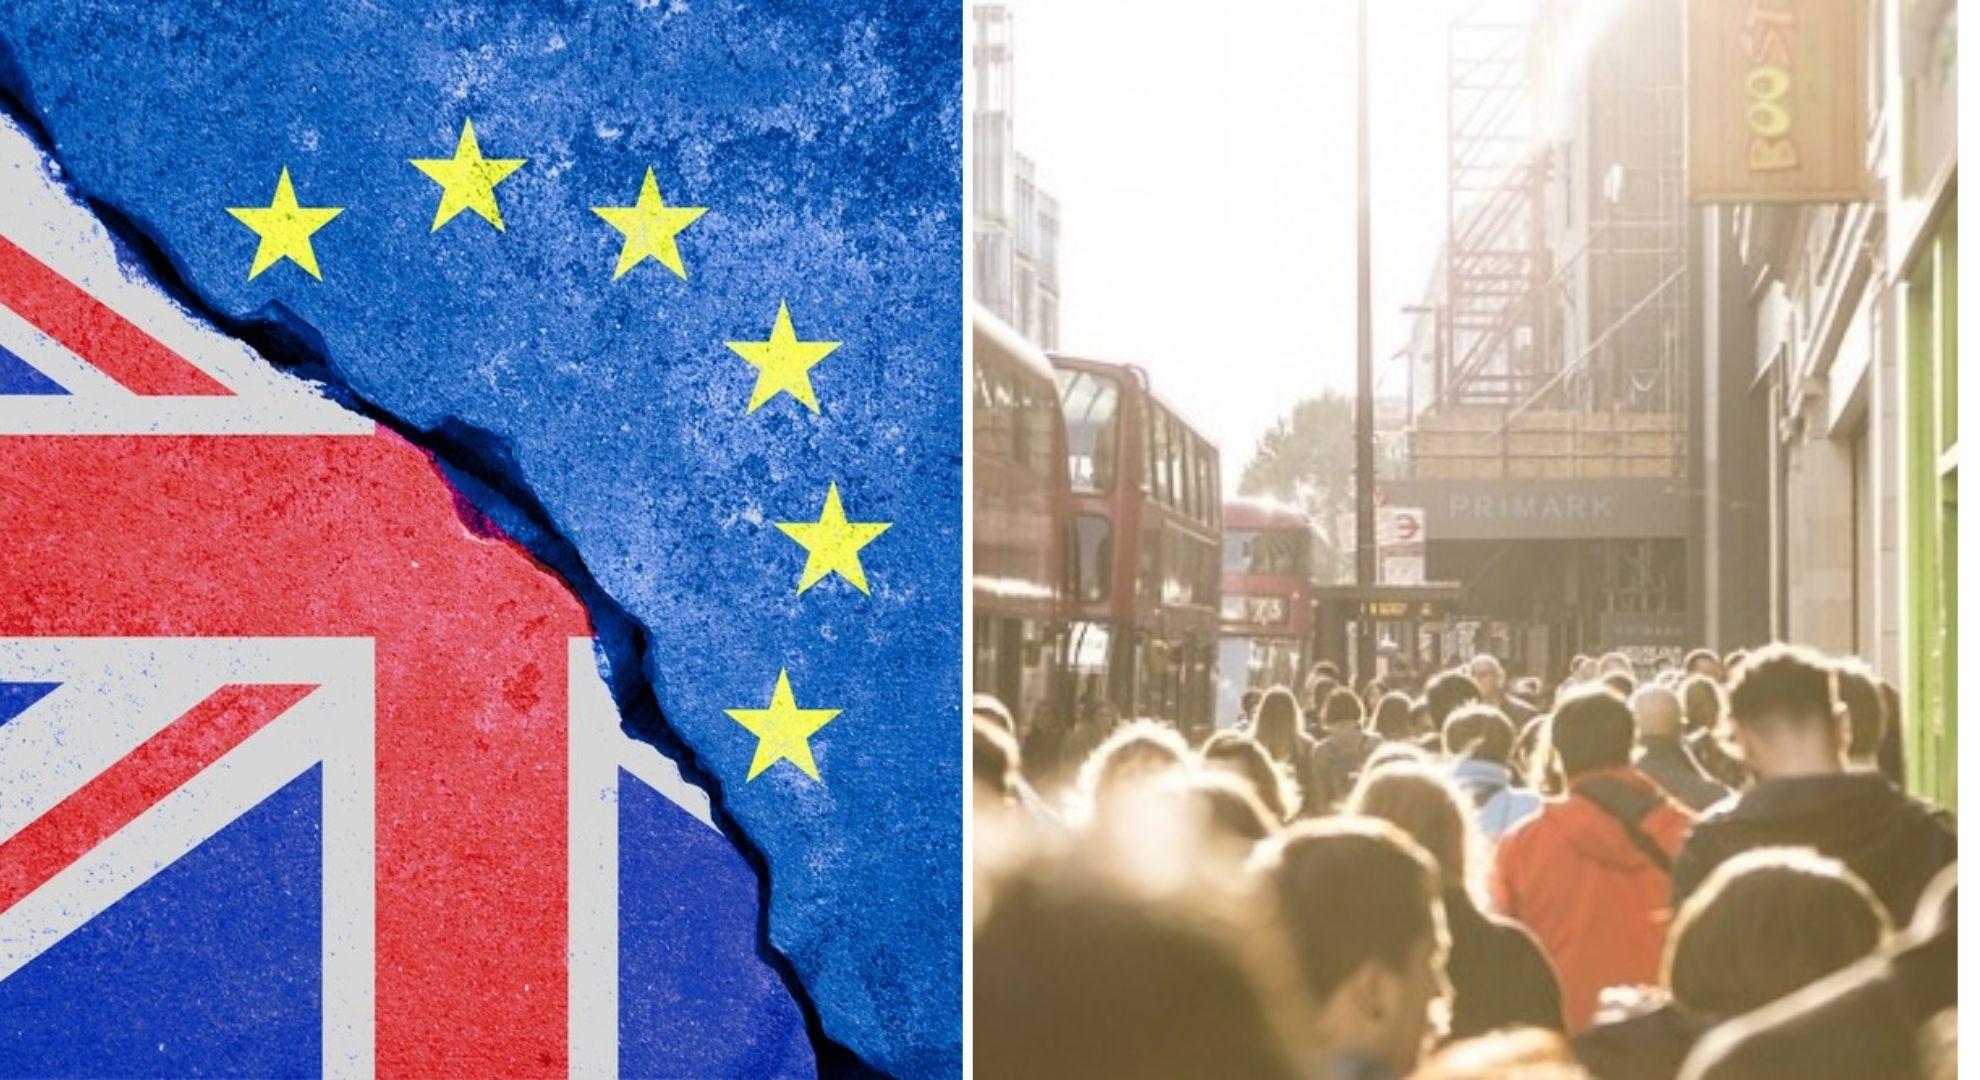 Restricții de la 1 ianuarie pentru cetățenii UE în Marea Britanie. Ce se întâmplă cu românii